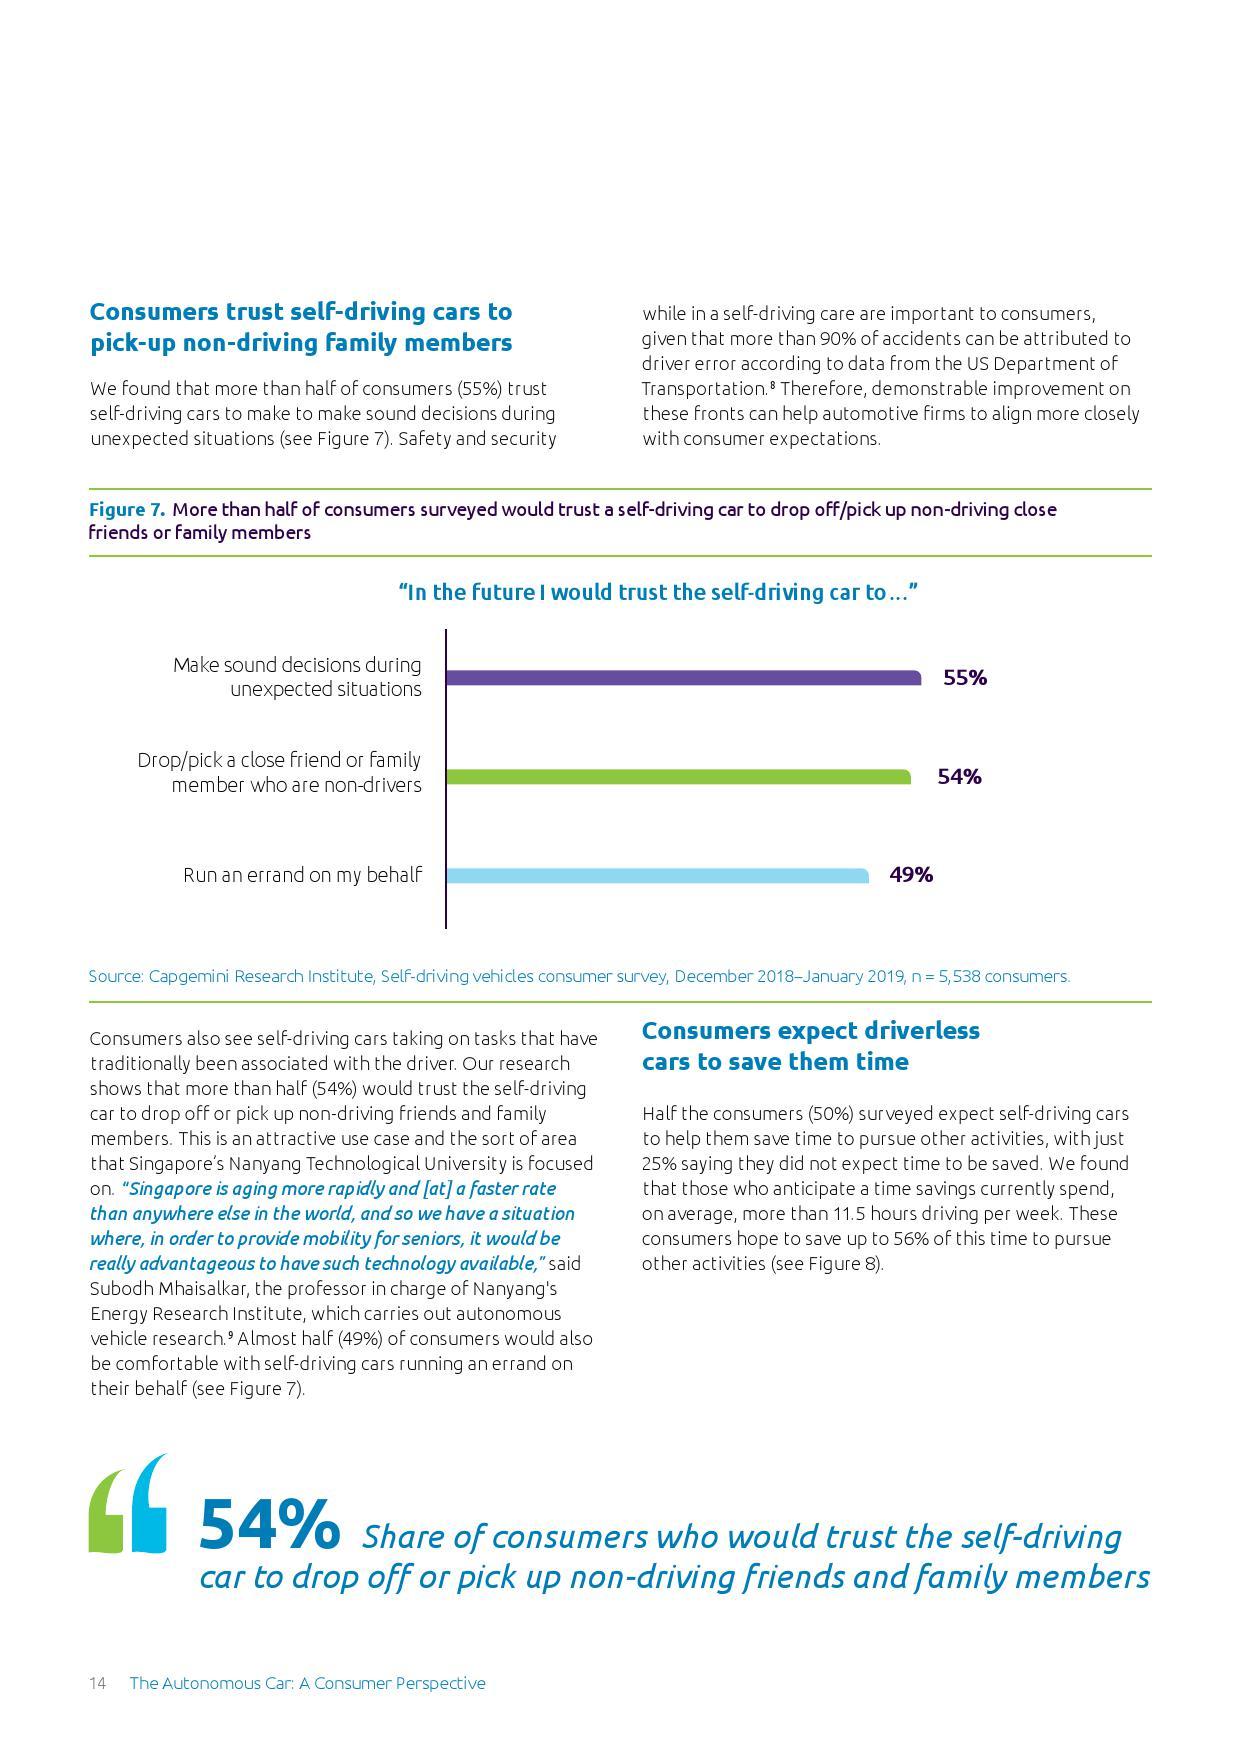 自动化驾驶汽车报告:消费者视角